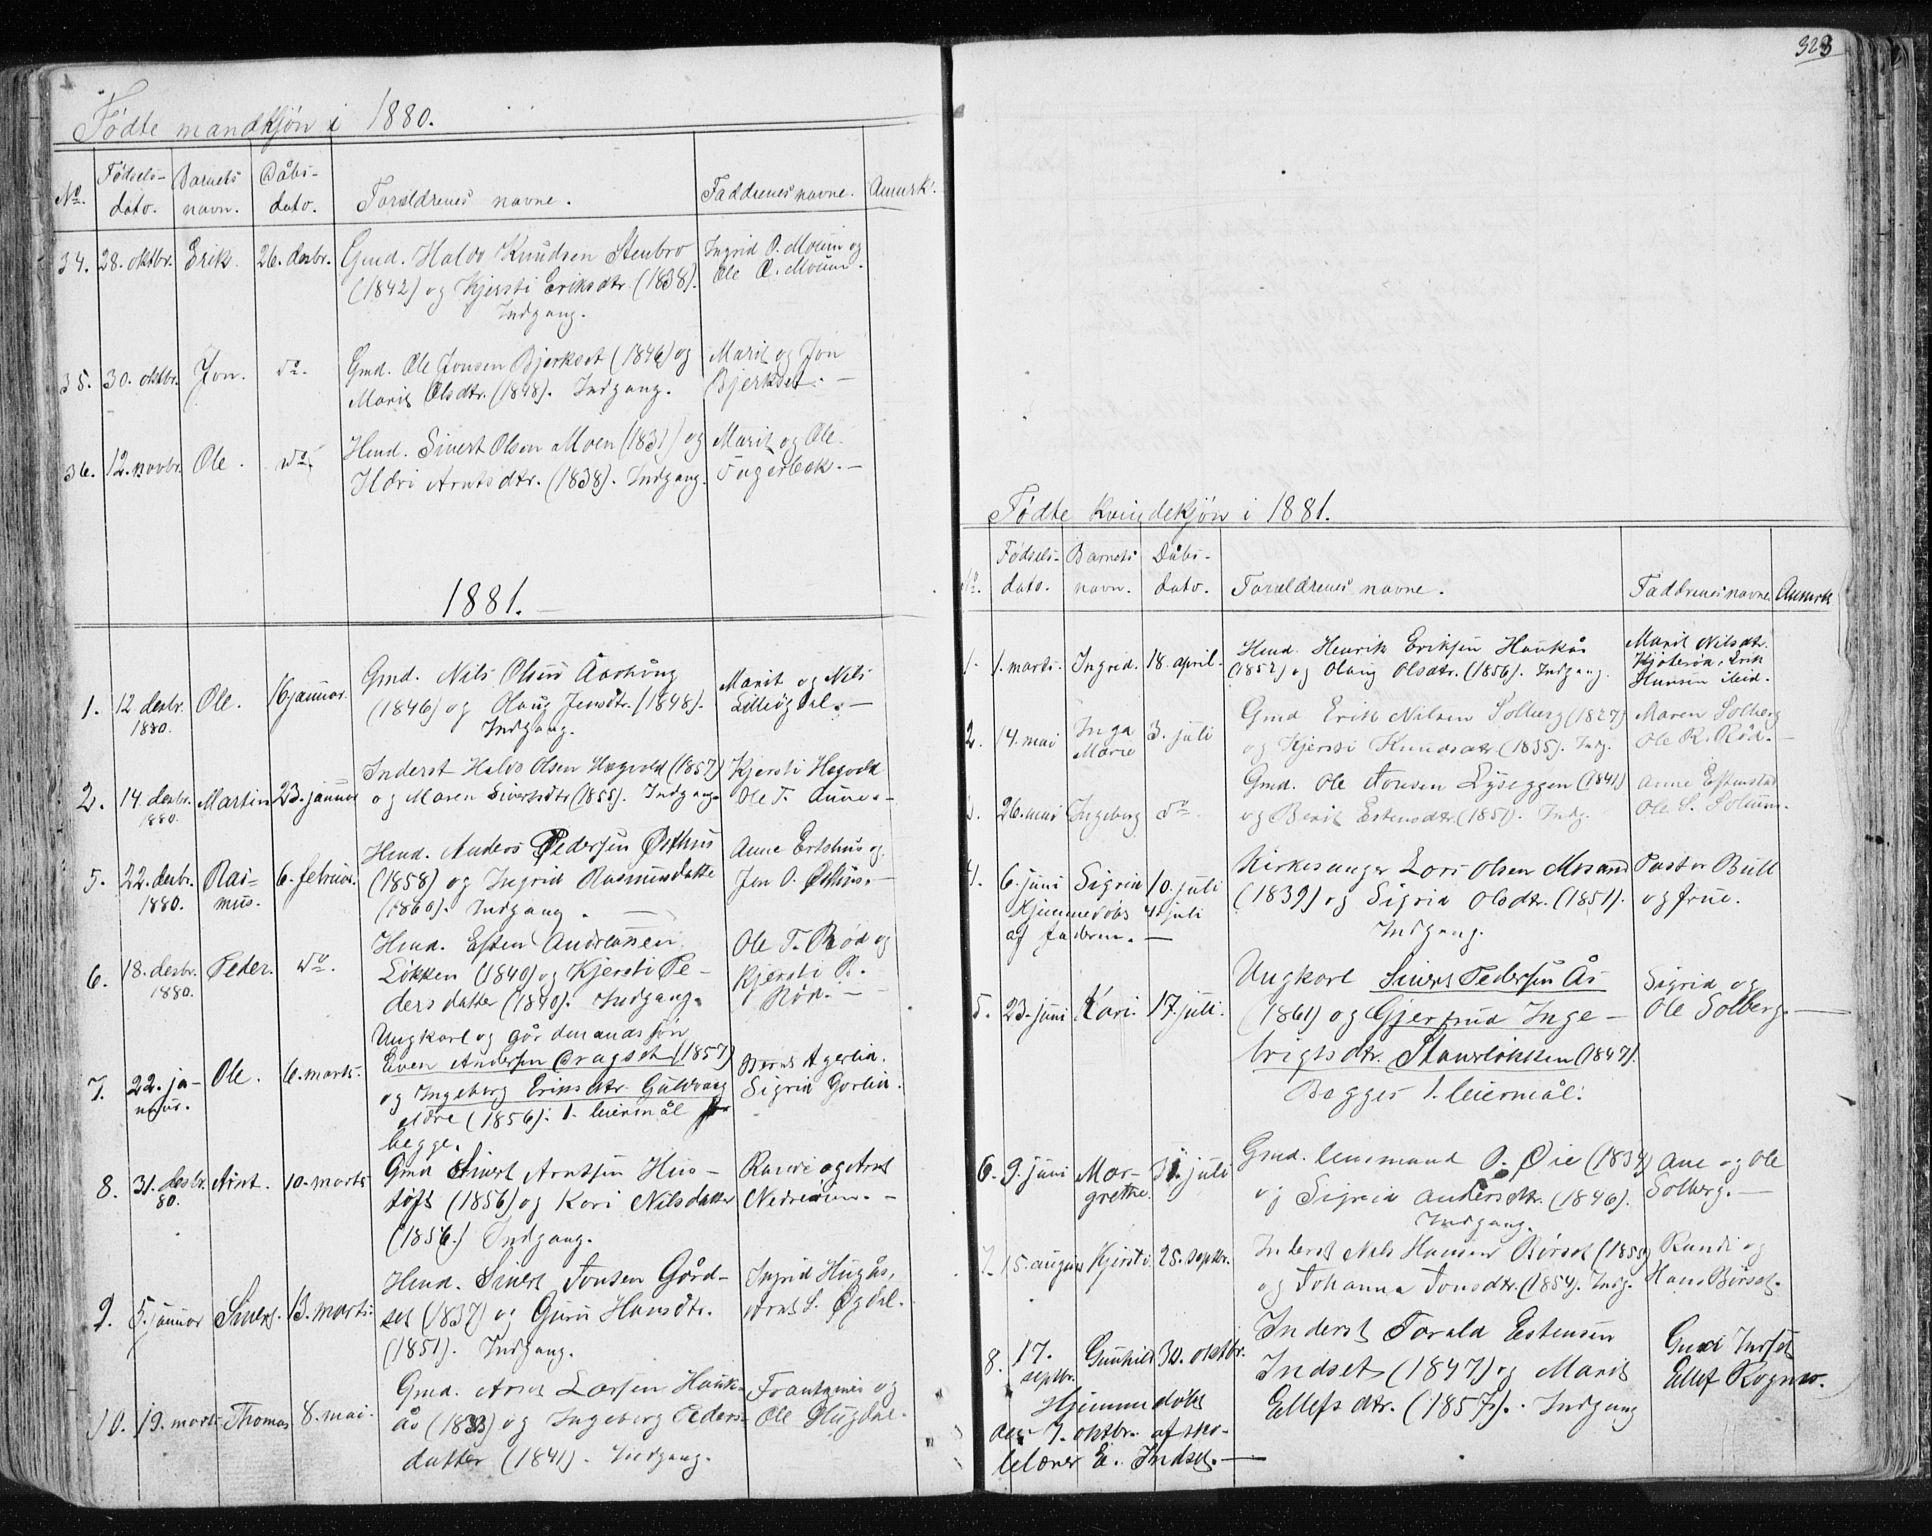 SAT, Ministerialprotokoller, klokkerbøker og fødselsregistre - Sør-Trøndelag, 689/L1043: Klokkerbok nr. 689C02, 1816-1892, s. 323